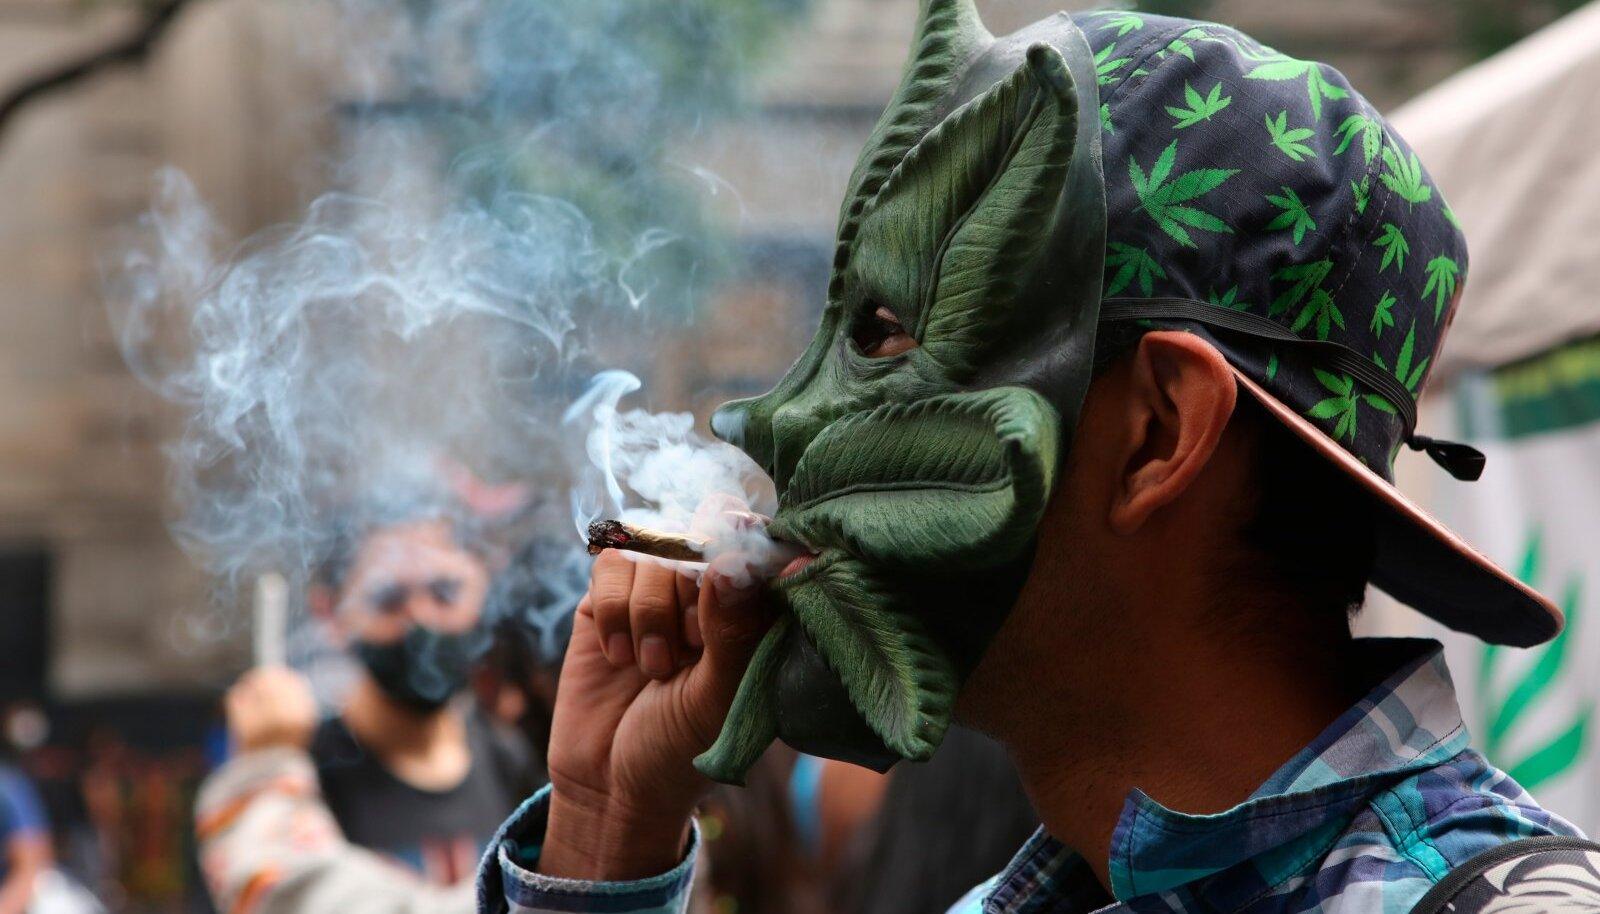 Kanepi legaliseerimise poolt on meeleavaldusi korraldatud üle maailma.